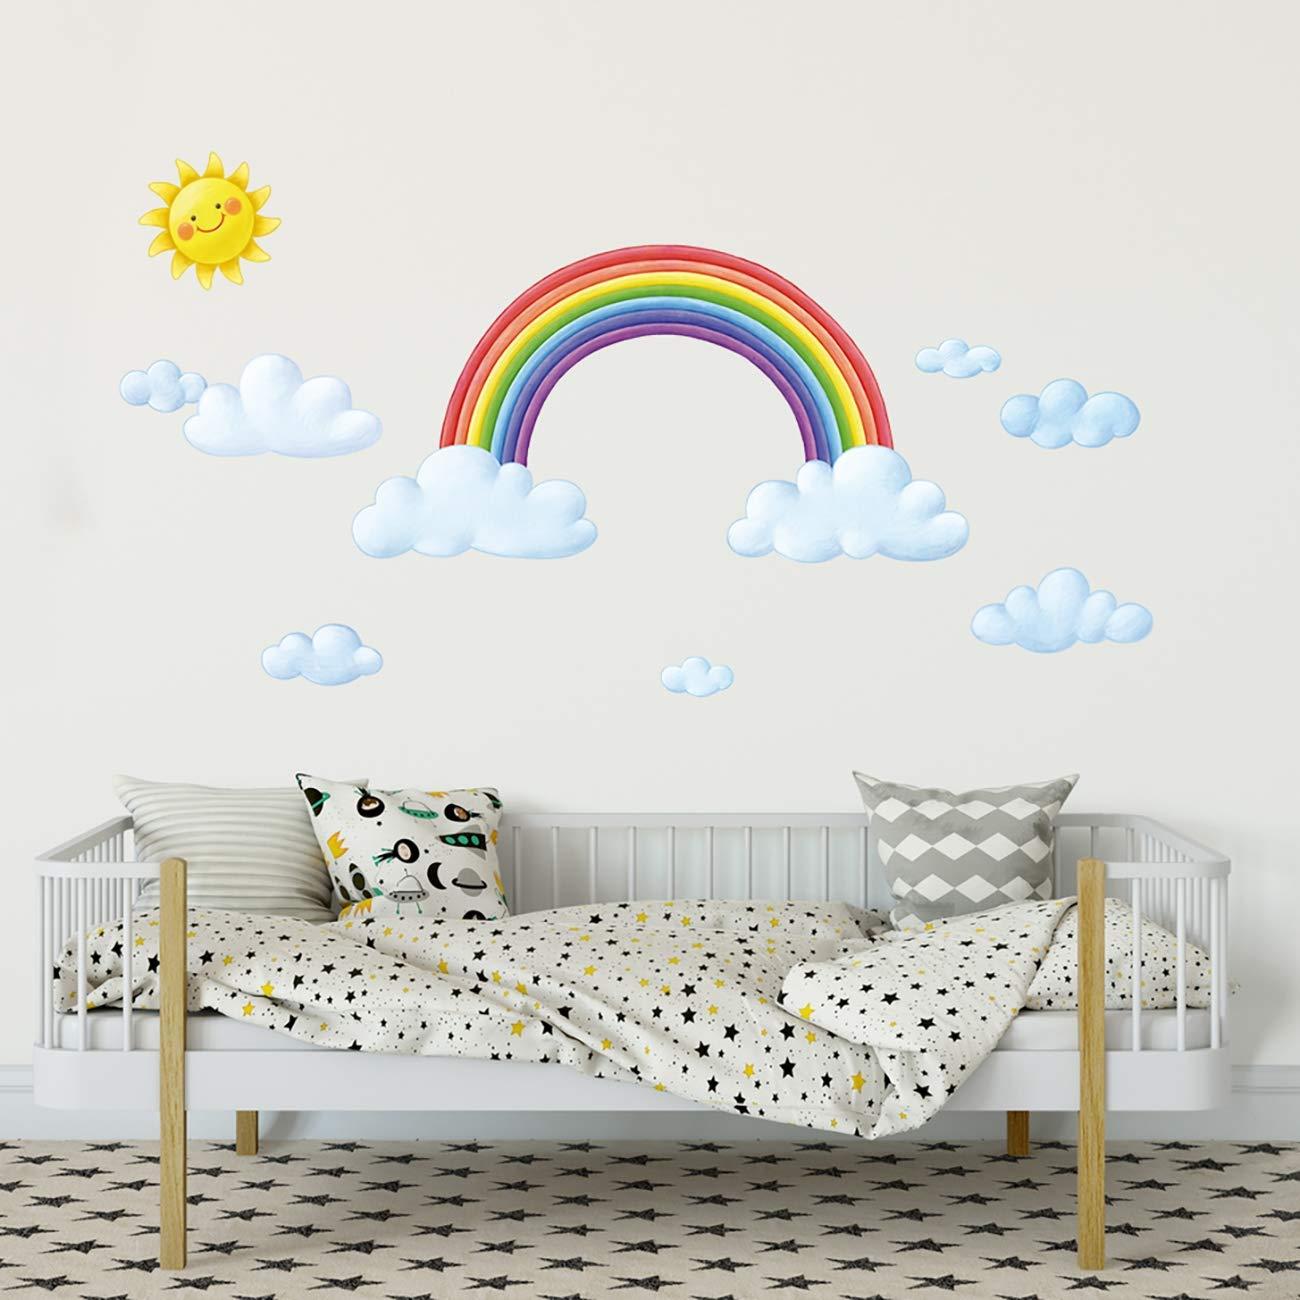 und Hei/ßluftballons Wandtattoo Wandsticker Wandaufkleber Wanddeko f/ür Wohnzimmer Schlafzimmer Kinderzimmer DECOWALL DA-1913P1406B Regenbogen